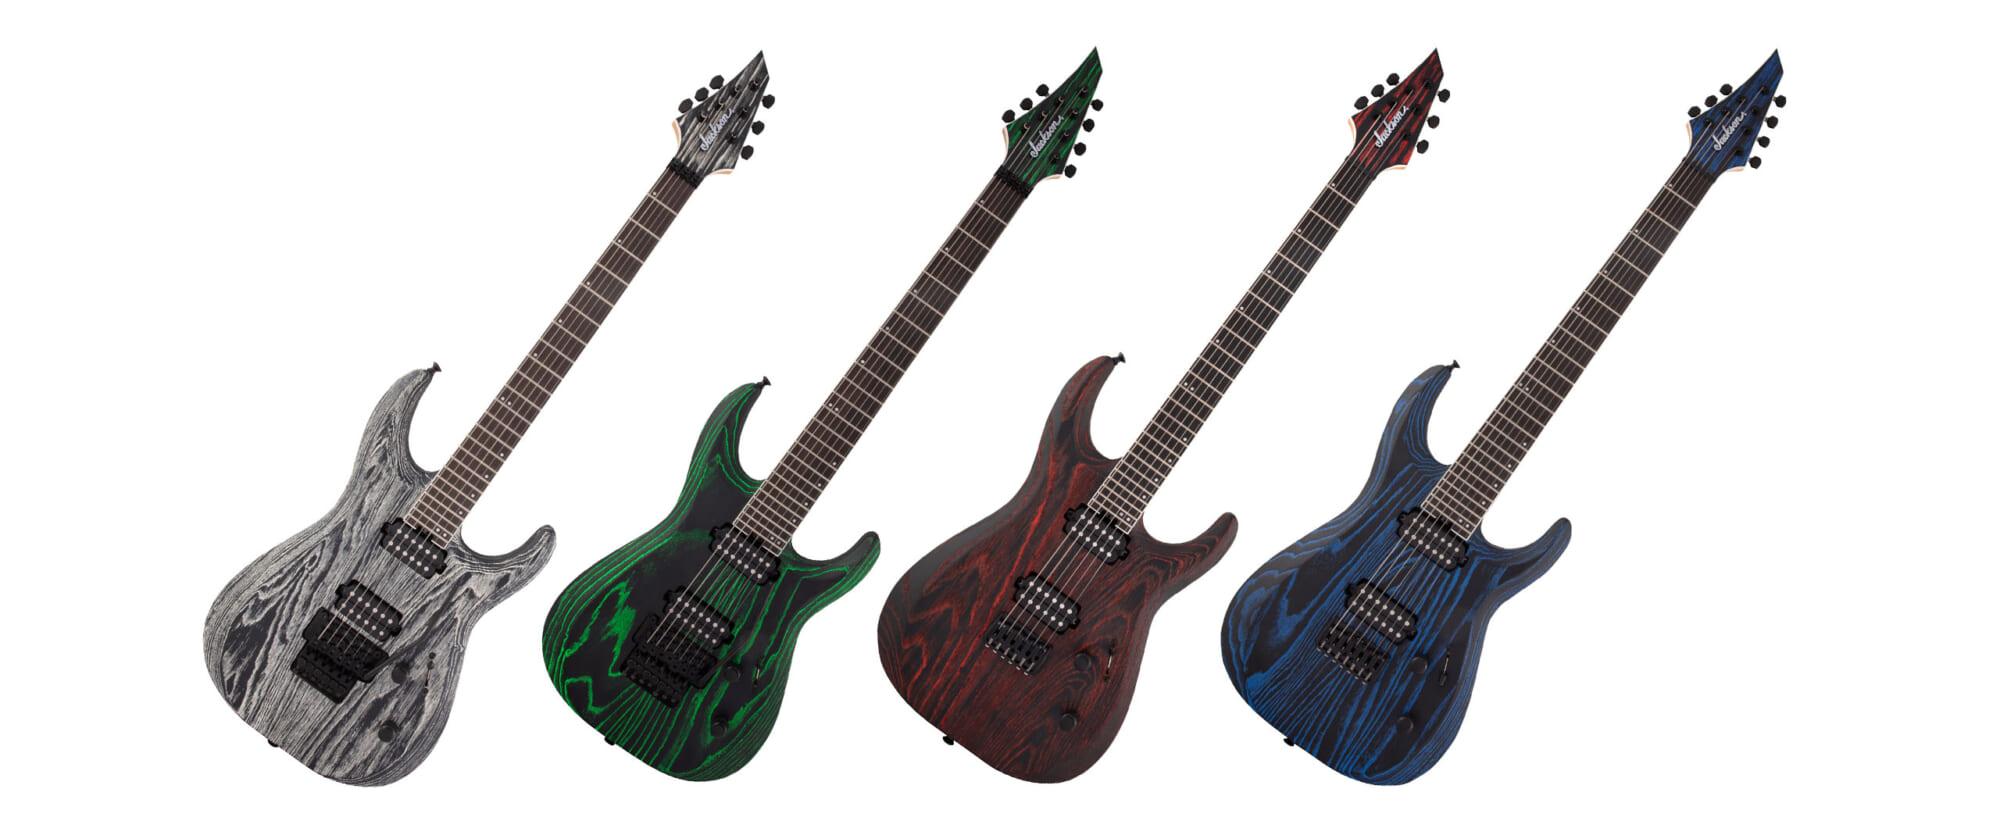 """ジャクソンの新たな6弦/7弦ギターの魅力は、立体的な杢目と多彩な""""ヴォイス"""""""